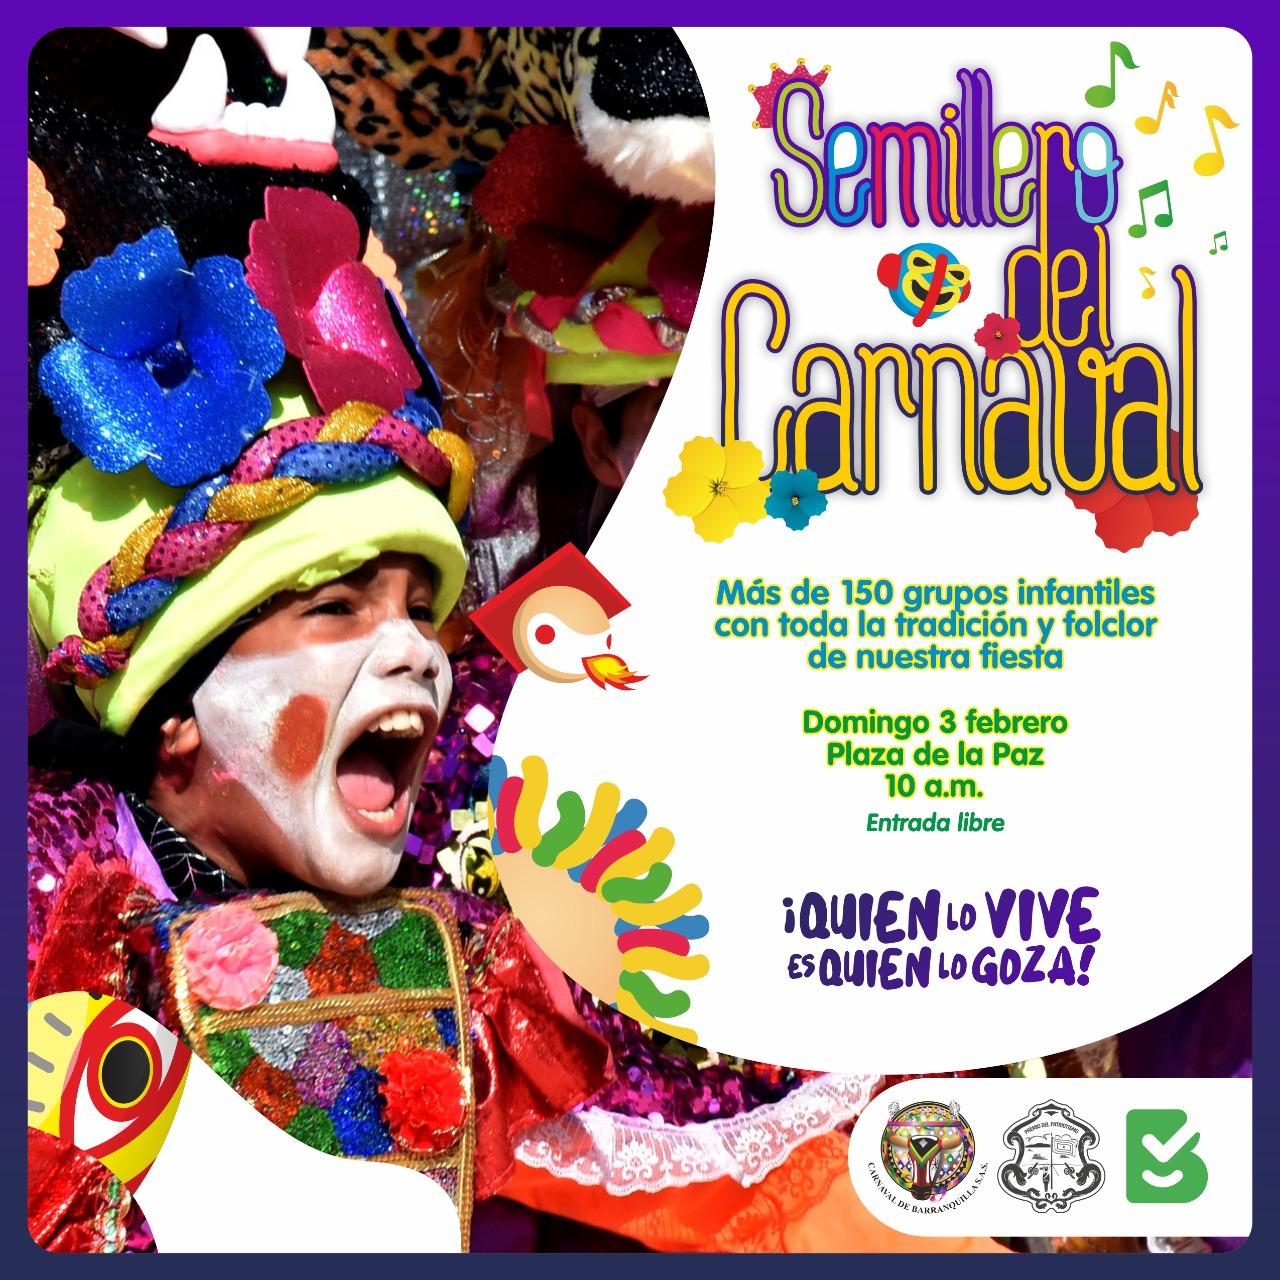 Este domingo, Regresa el Semillero del Carnaval con la participación de 156 grupos